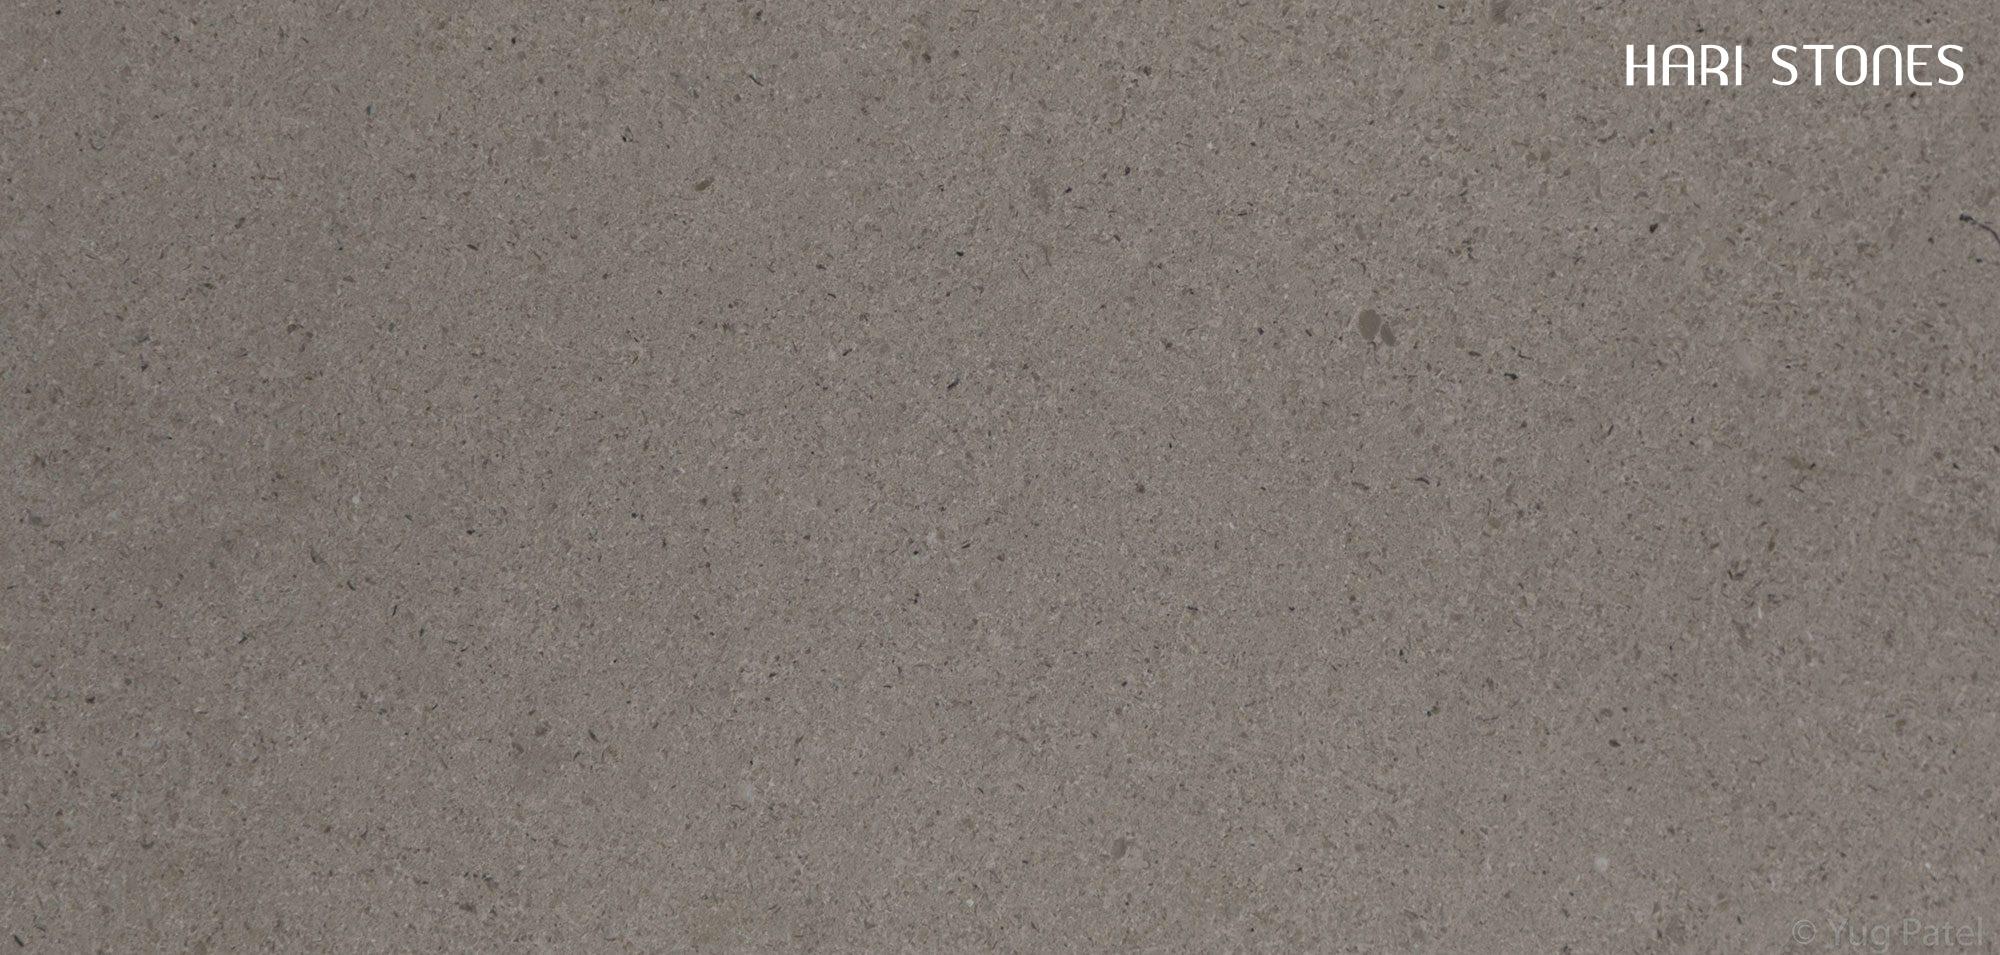 Lipica Unito Honed Limestone Tiles Distributors